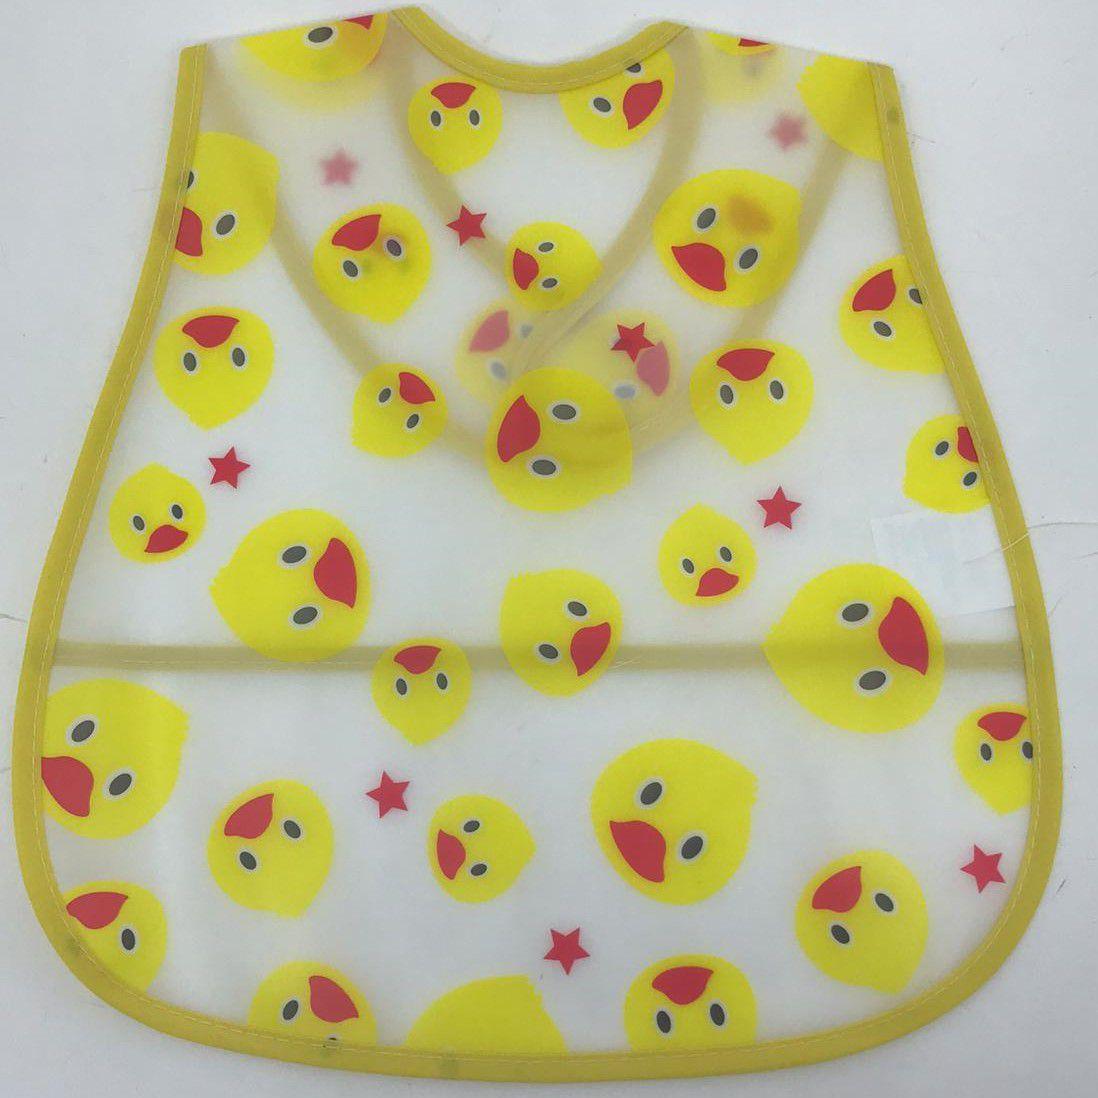 Avental infantil Patos Novo Século